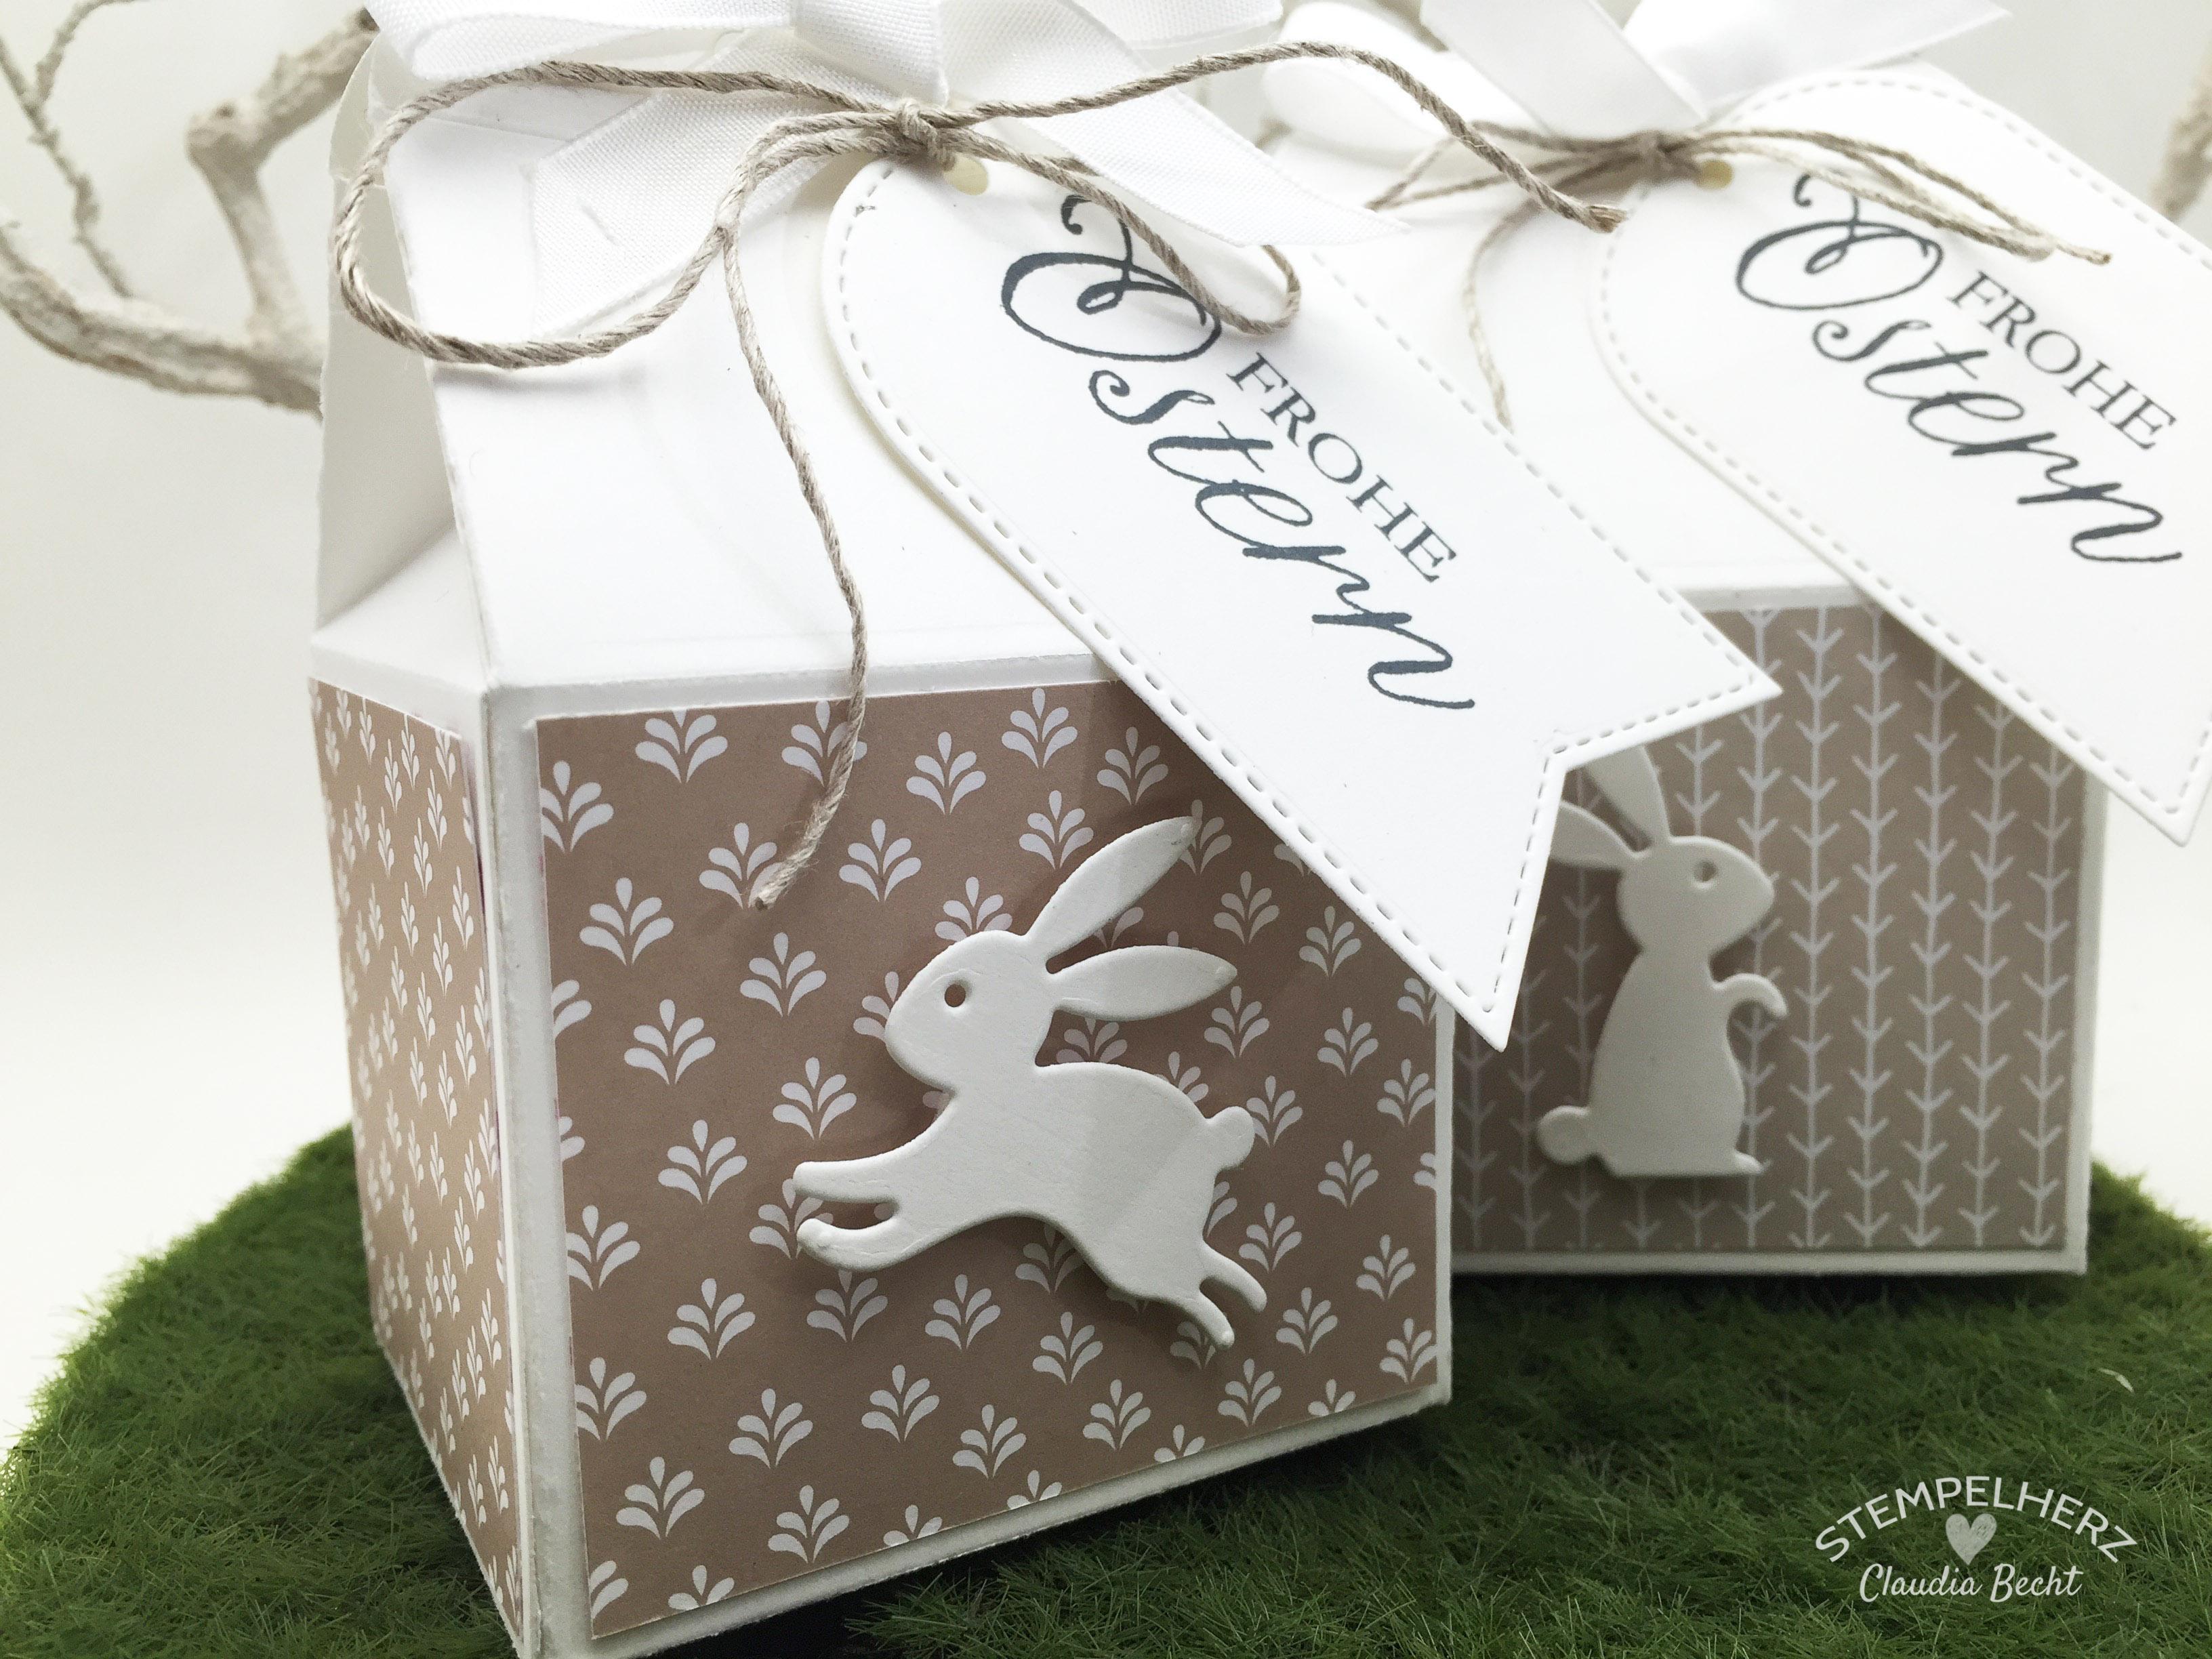 Stampin Up - Stempelherz - Ostern - Verpackung - Thinlits Leckereien-Box - Osterhasenmilchkarton 02